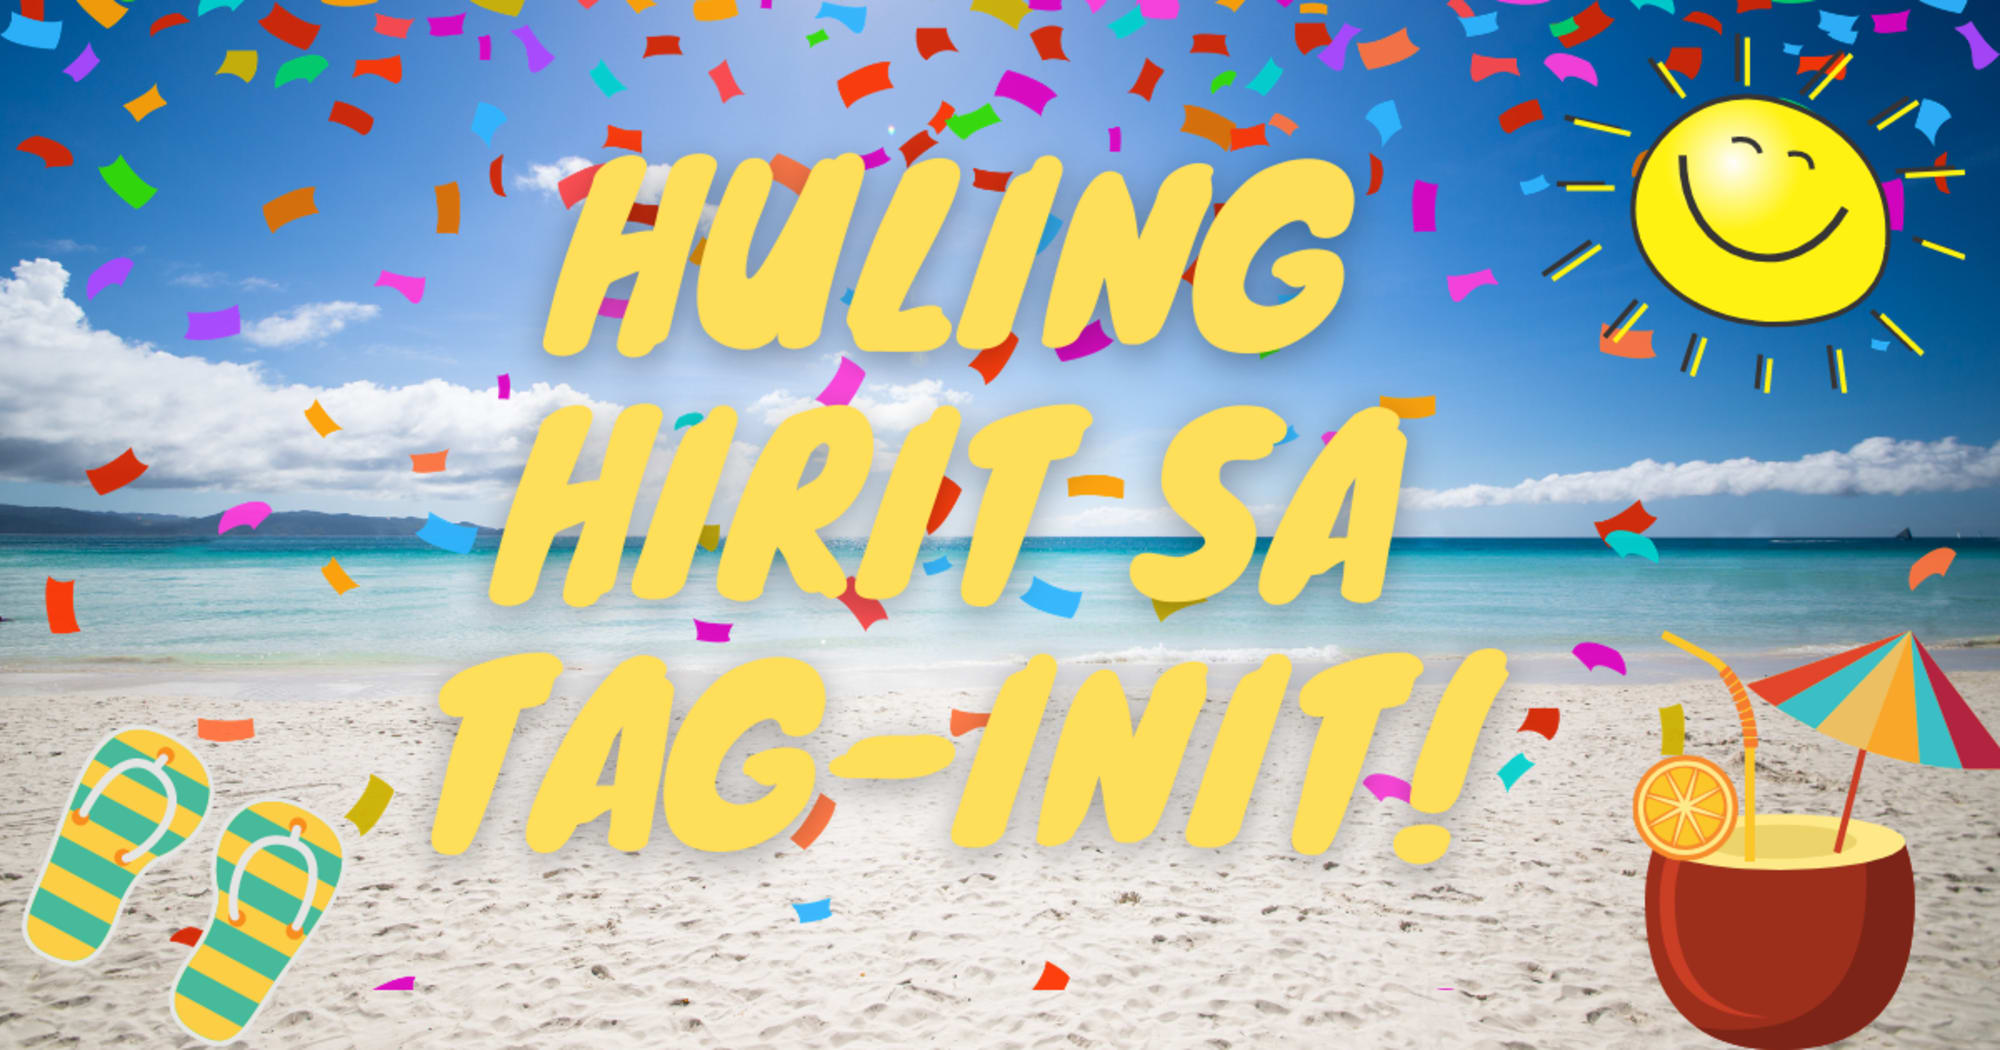 Huling Hirit sa Tag-init! Bulabog Beach & Station Zero Accommodation Promos